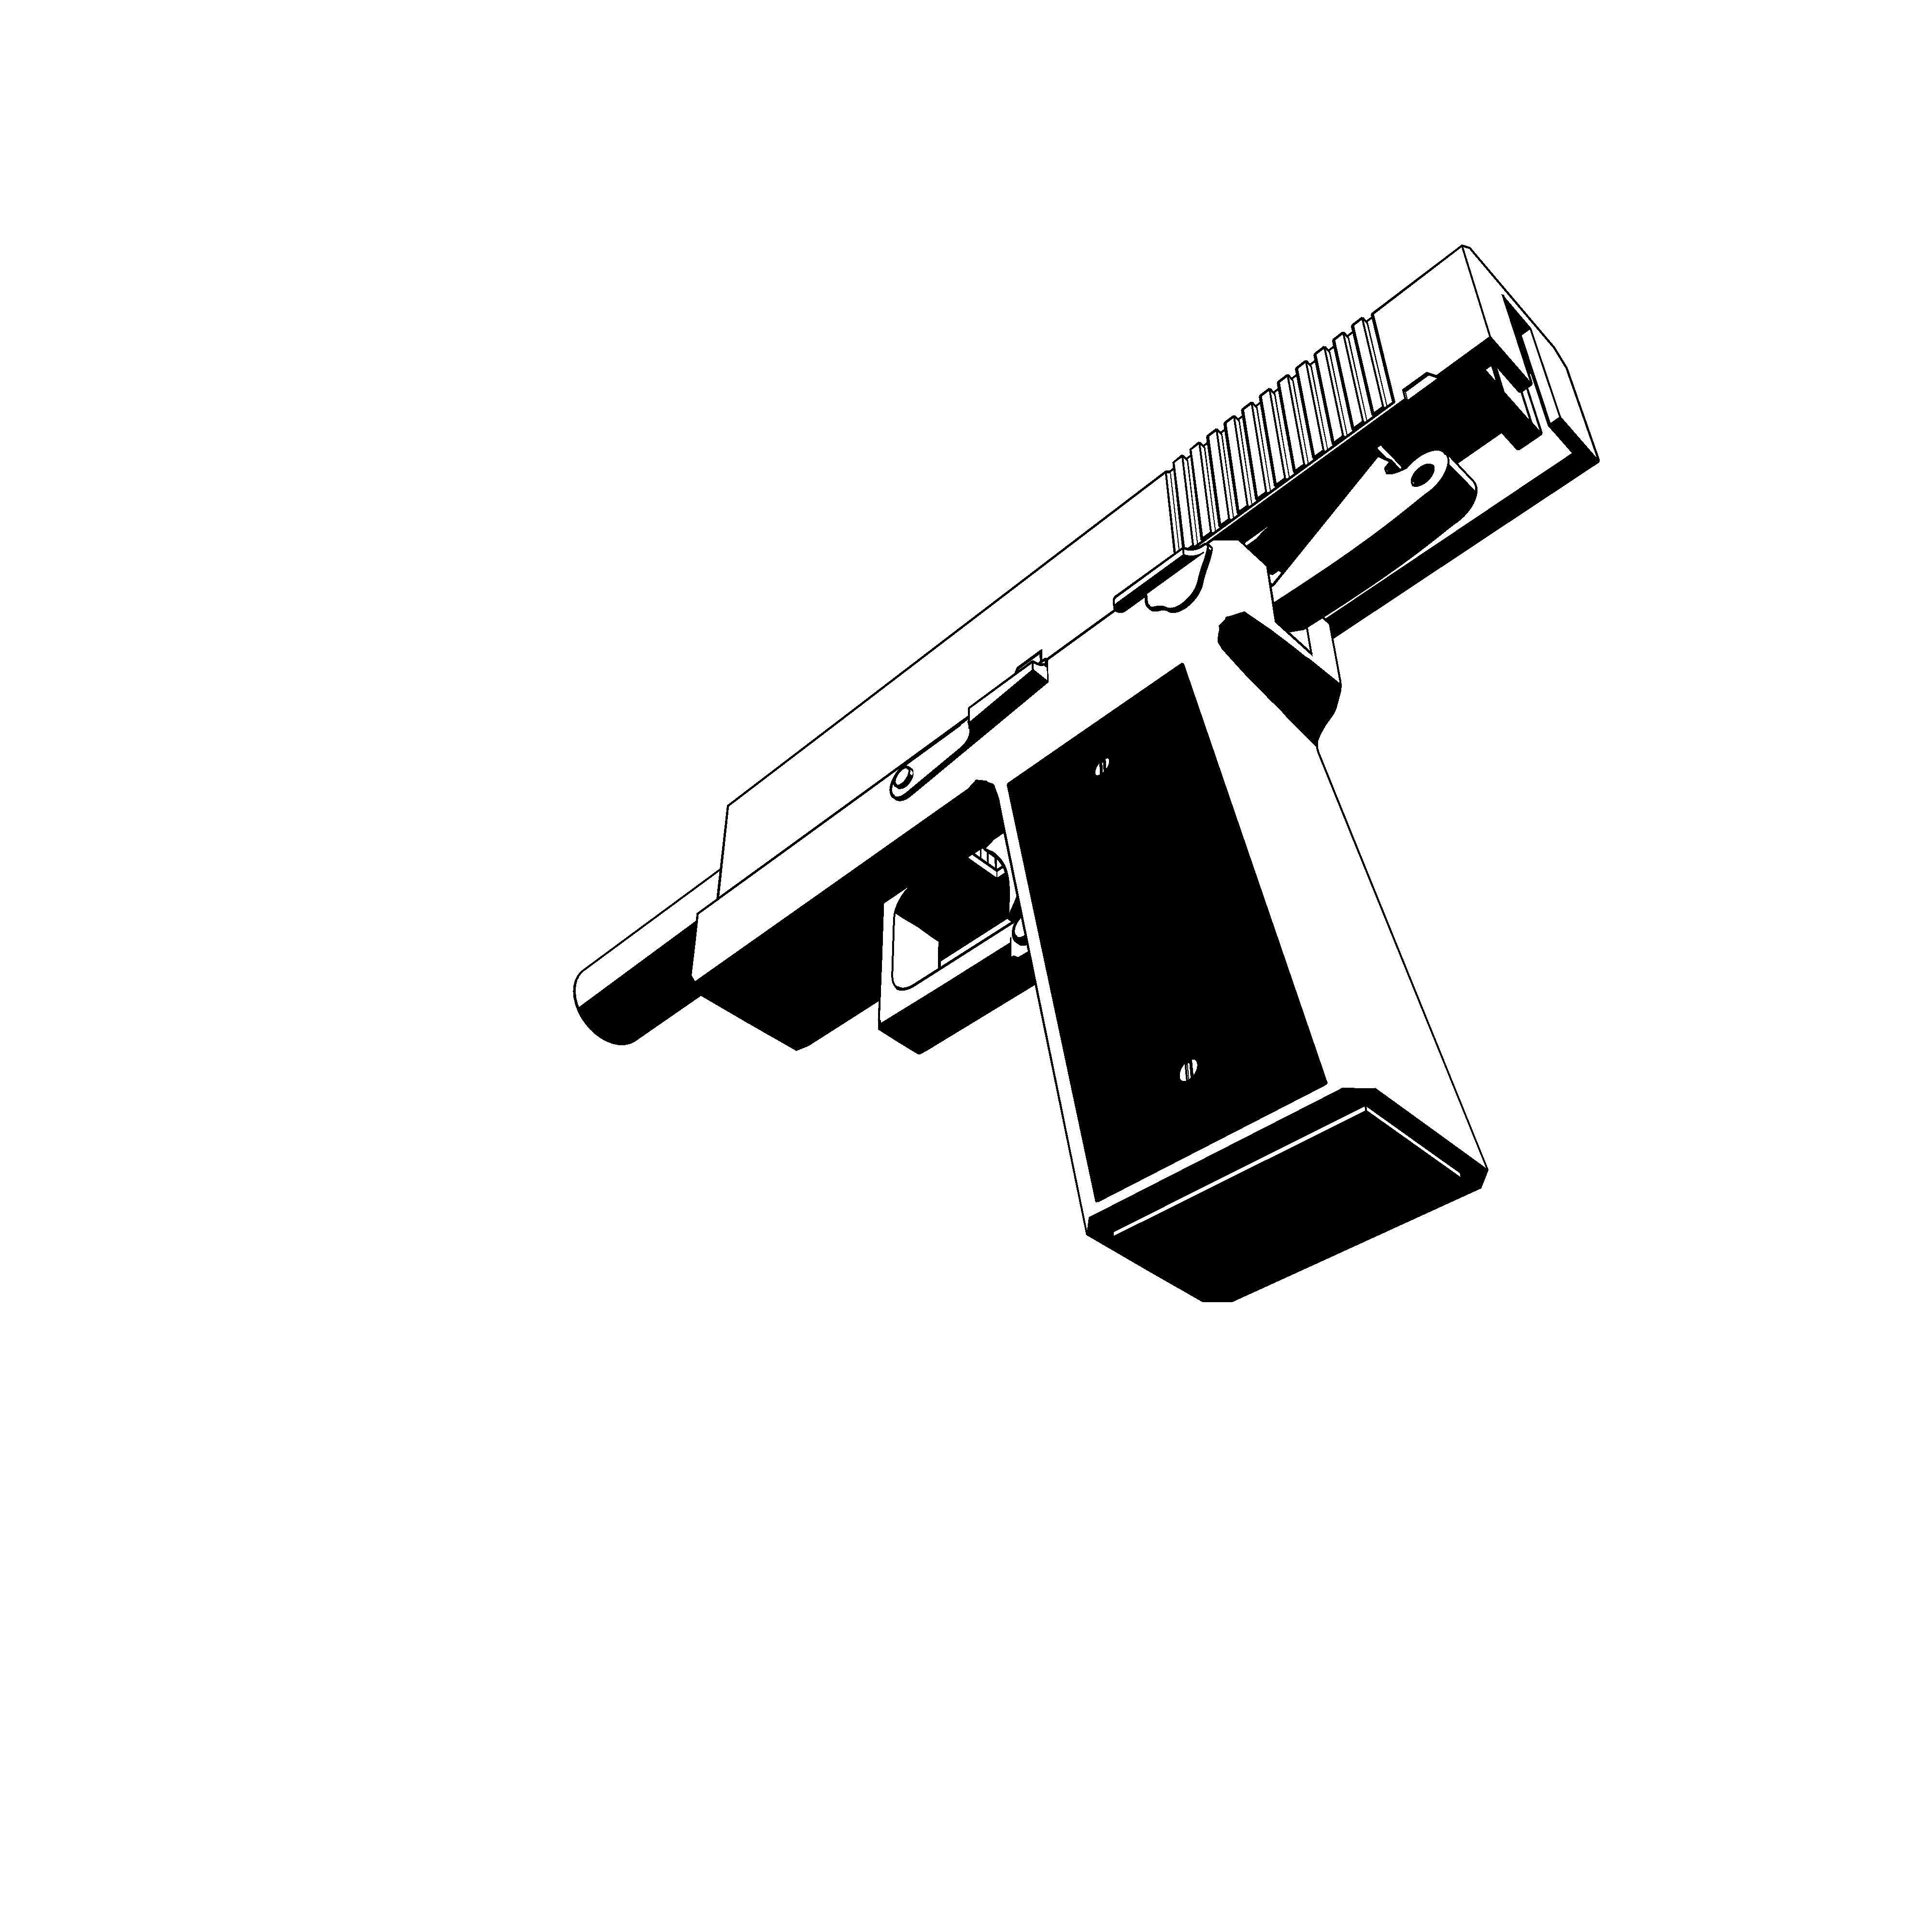 コミュニケーションアプリ LINE(ライン)